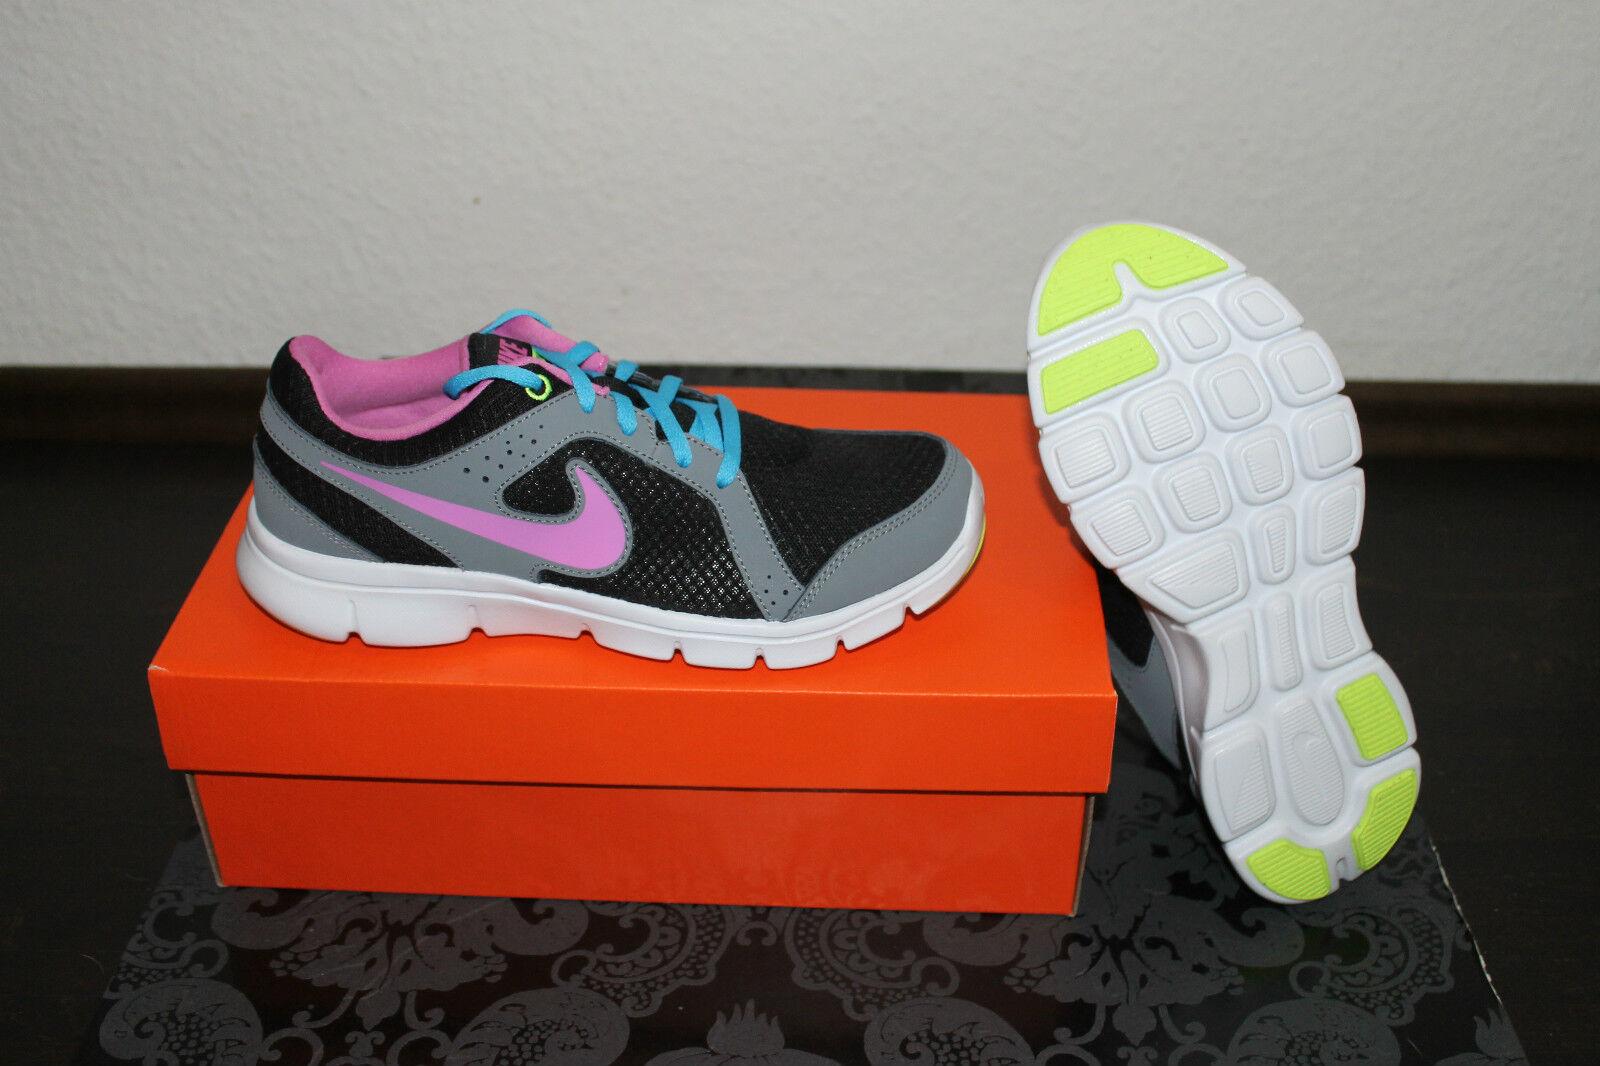 Nike Flex Damen Running Schuhe 38 Schwarz Grau Pink Größe 38 Schuhe oder 38,5 Neu ce1b89